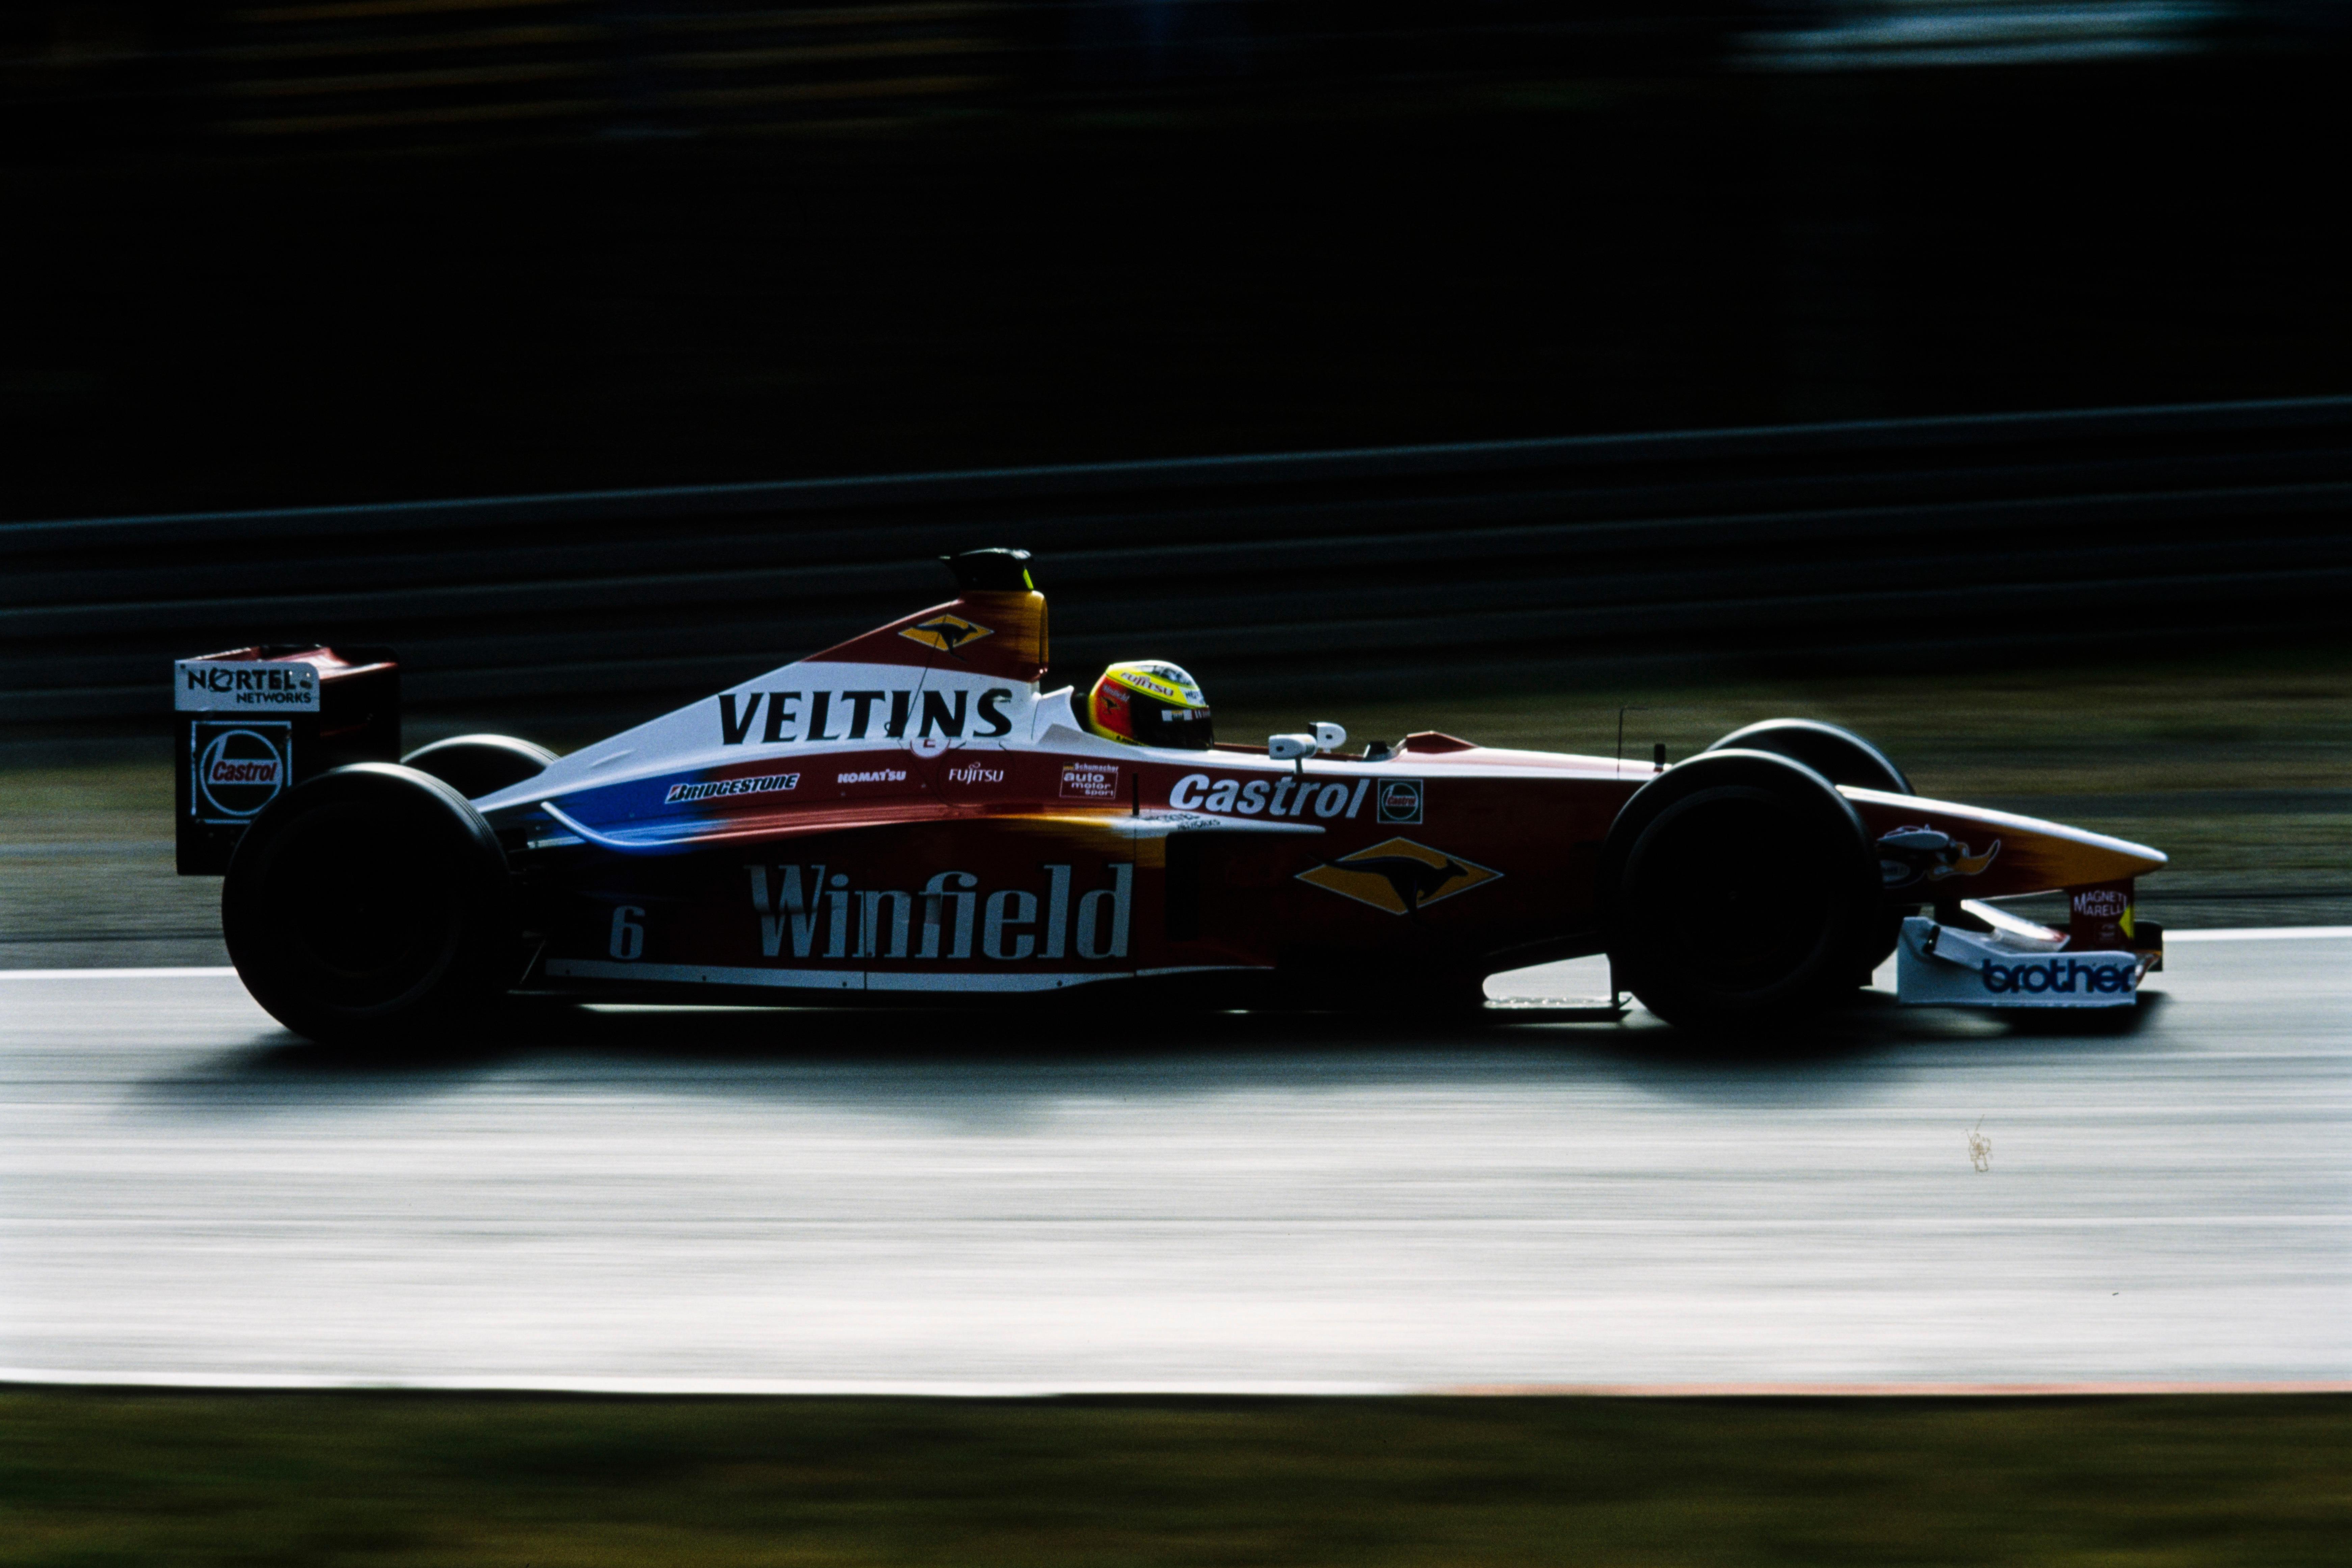 Ralf Schumacher, 1999 European GP